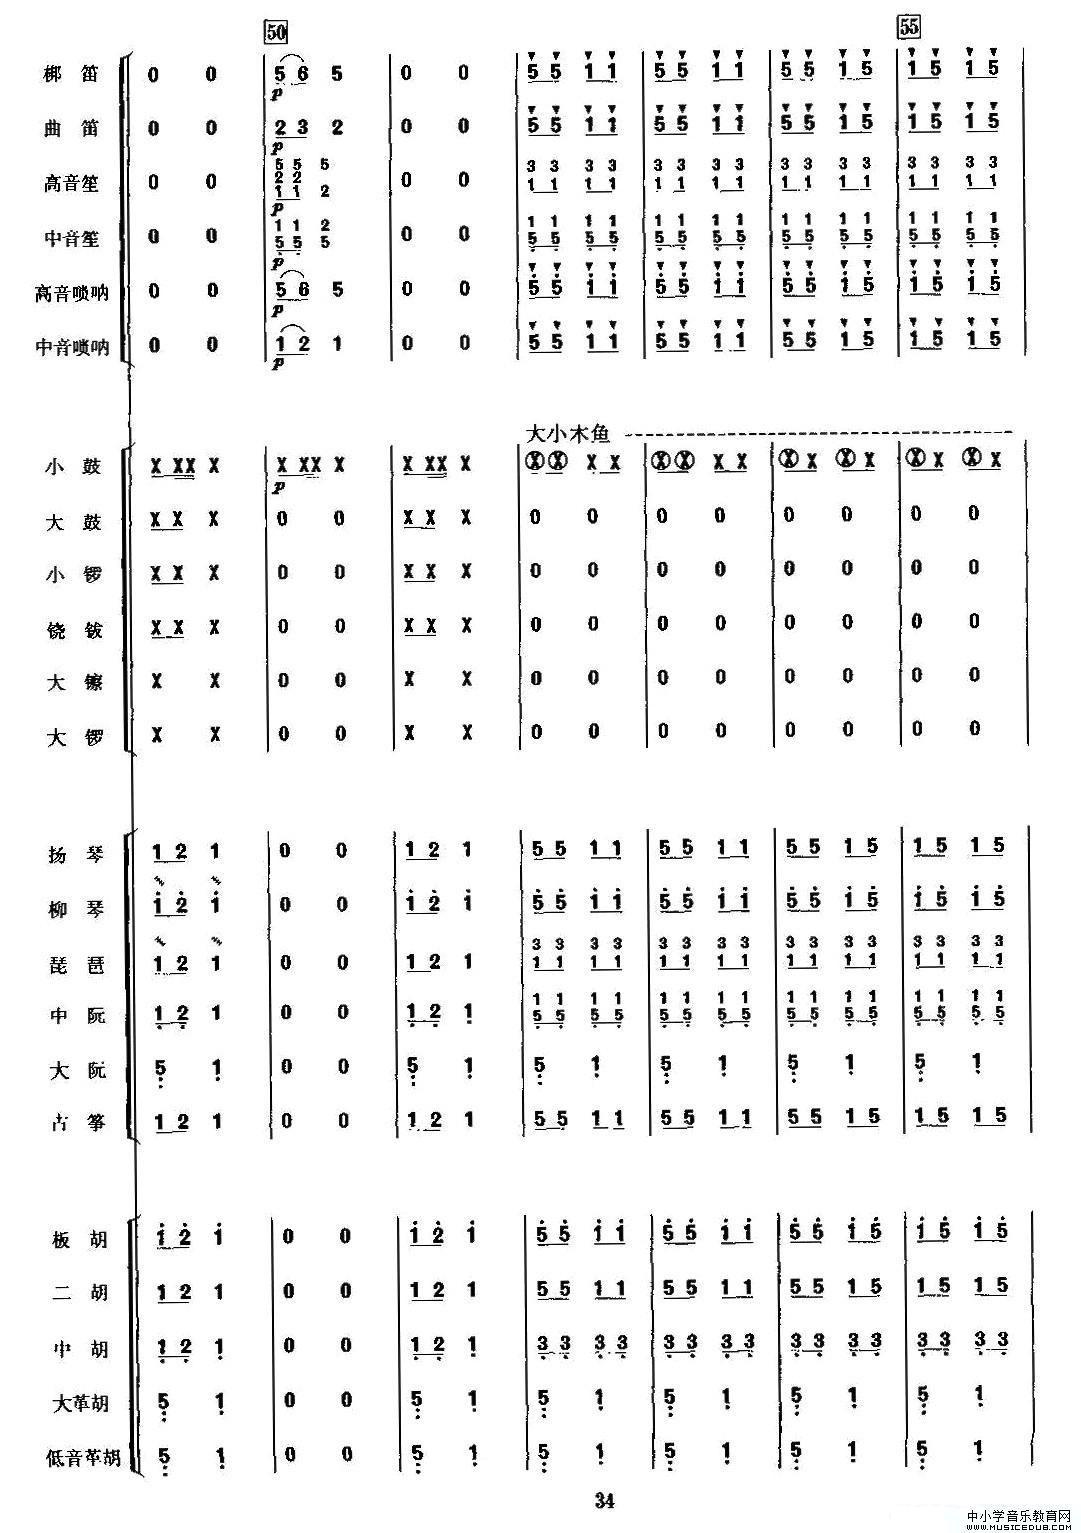 金蛇狂舞(民乐合奏总谱,周仲康配器版)(1)_原文件名:j9.jpg